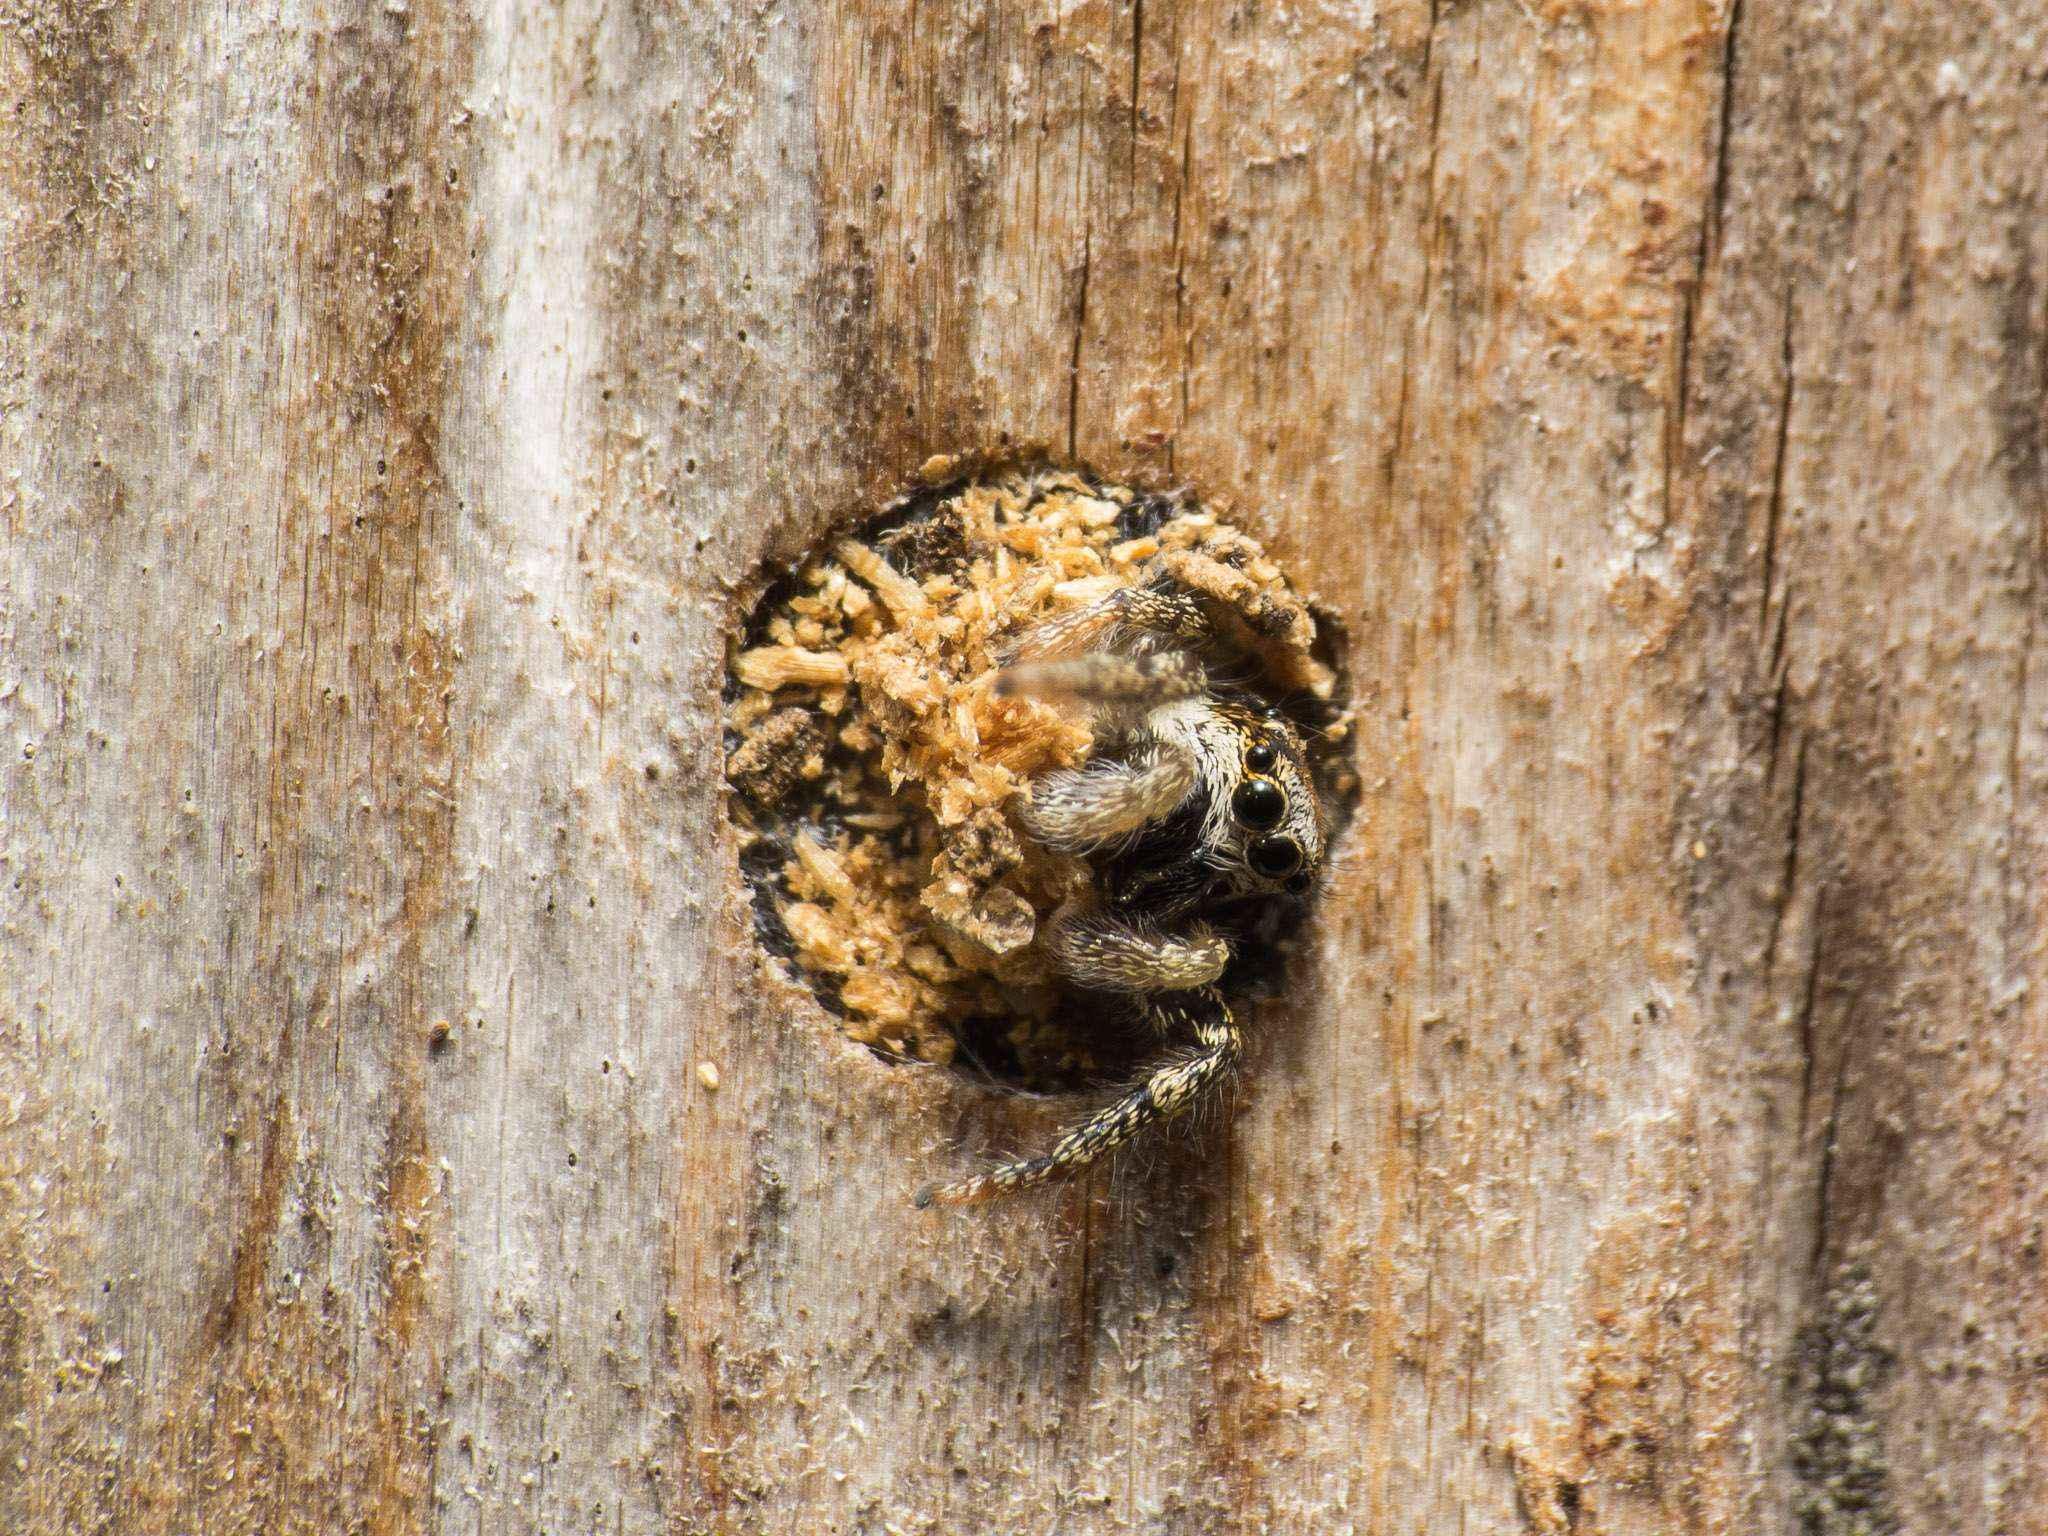 Camponotus vagus: Einige Mitbewohner